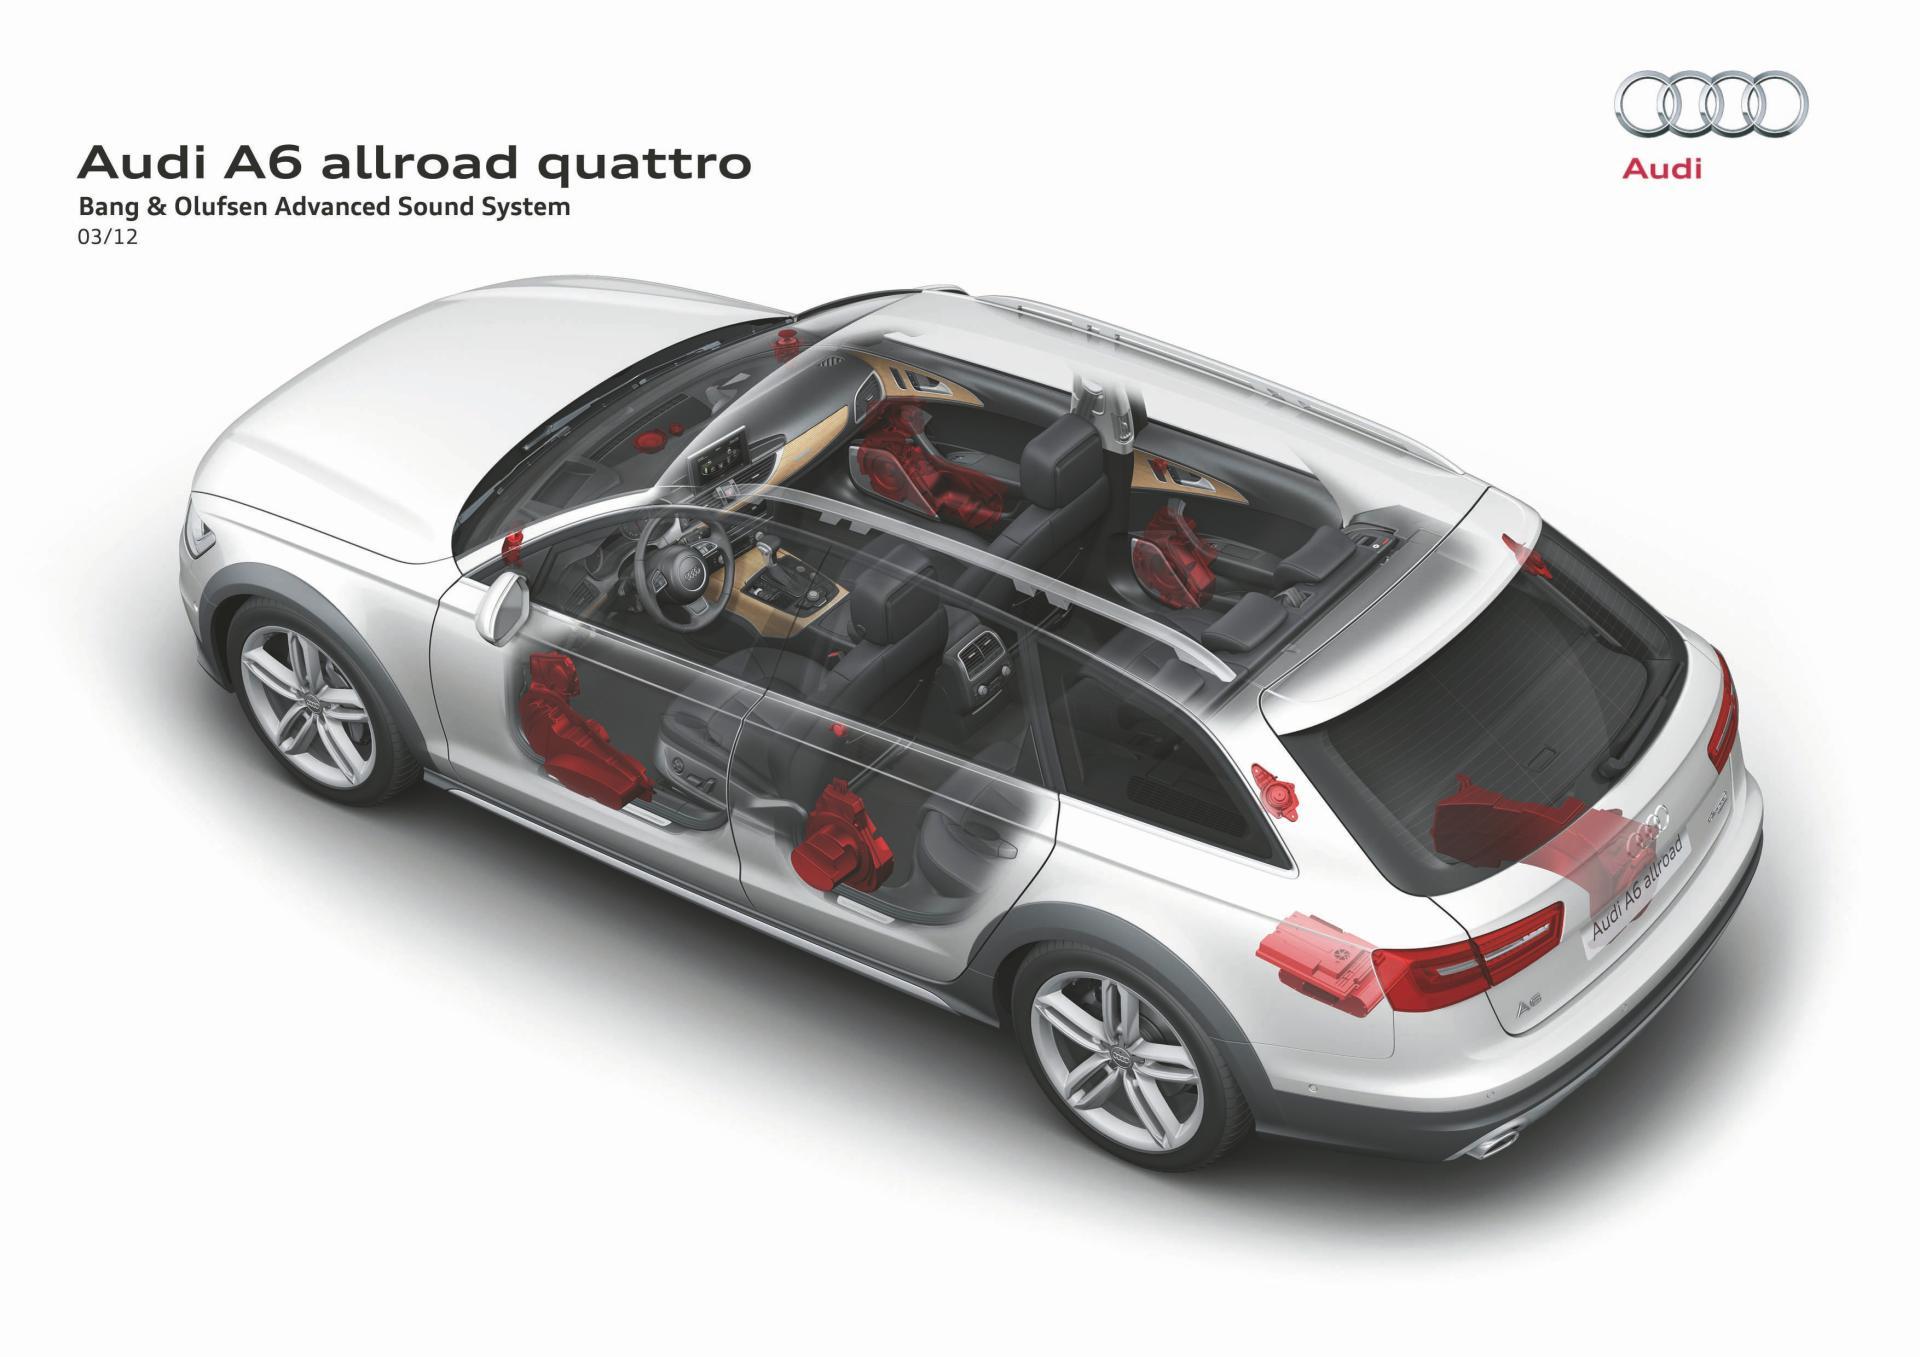 2012 Audi A6 Allroad Quattro Image Photo 9 Of 26